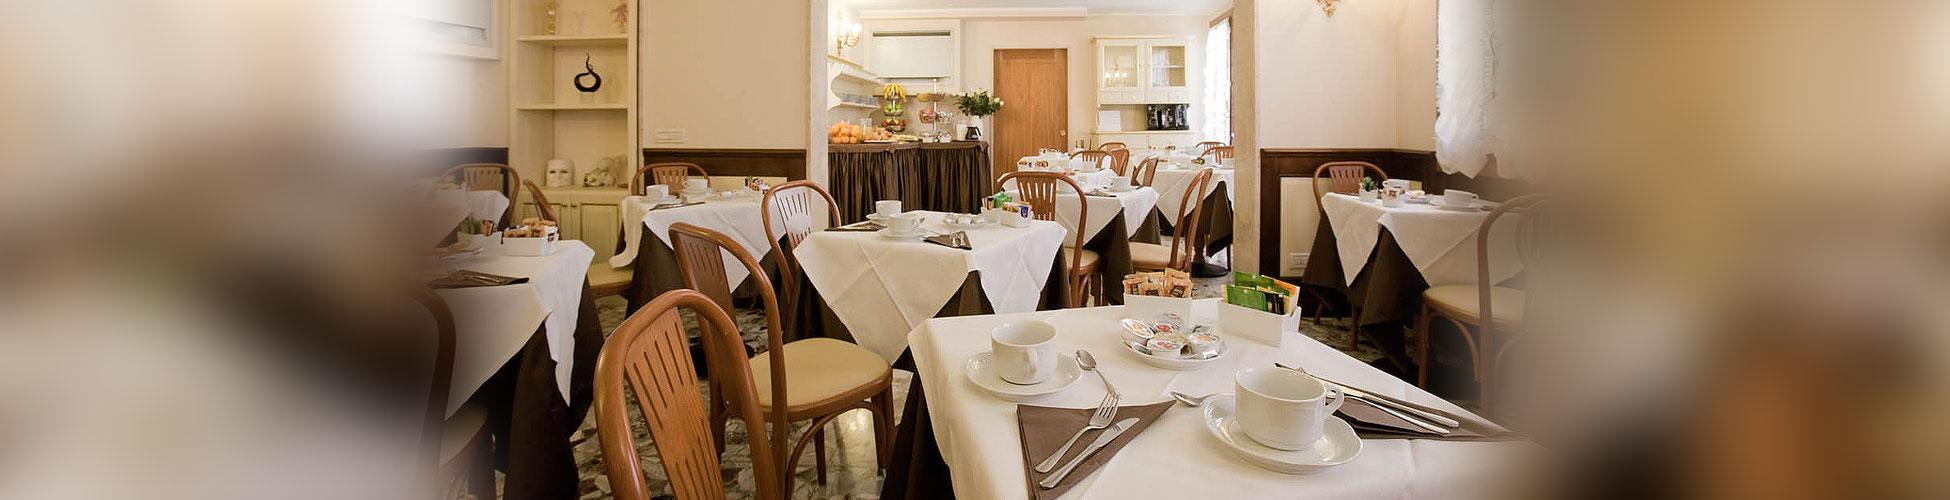 Hotel Mercurio - Frühstücksraum